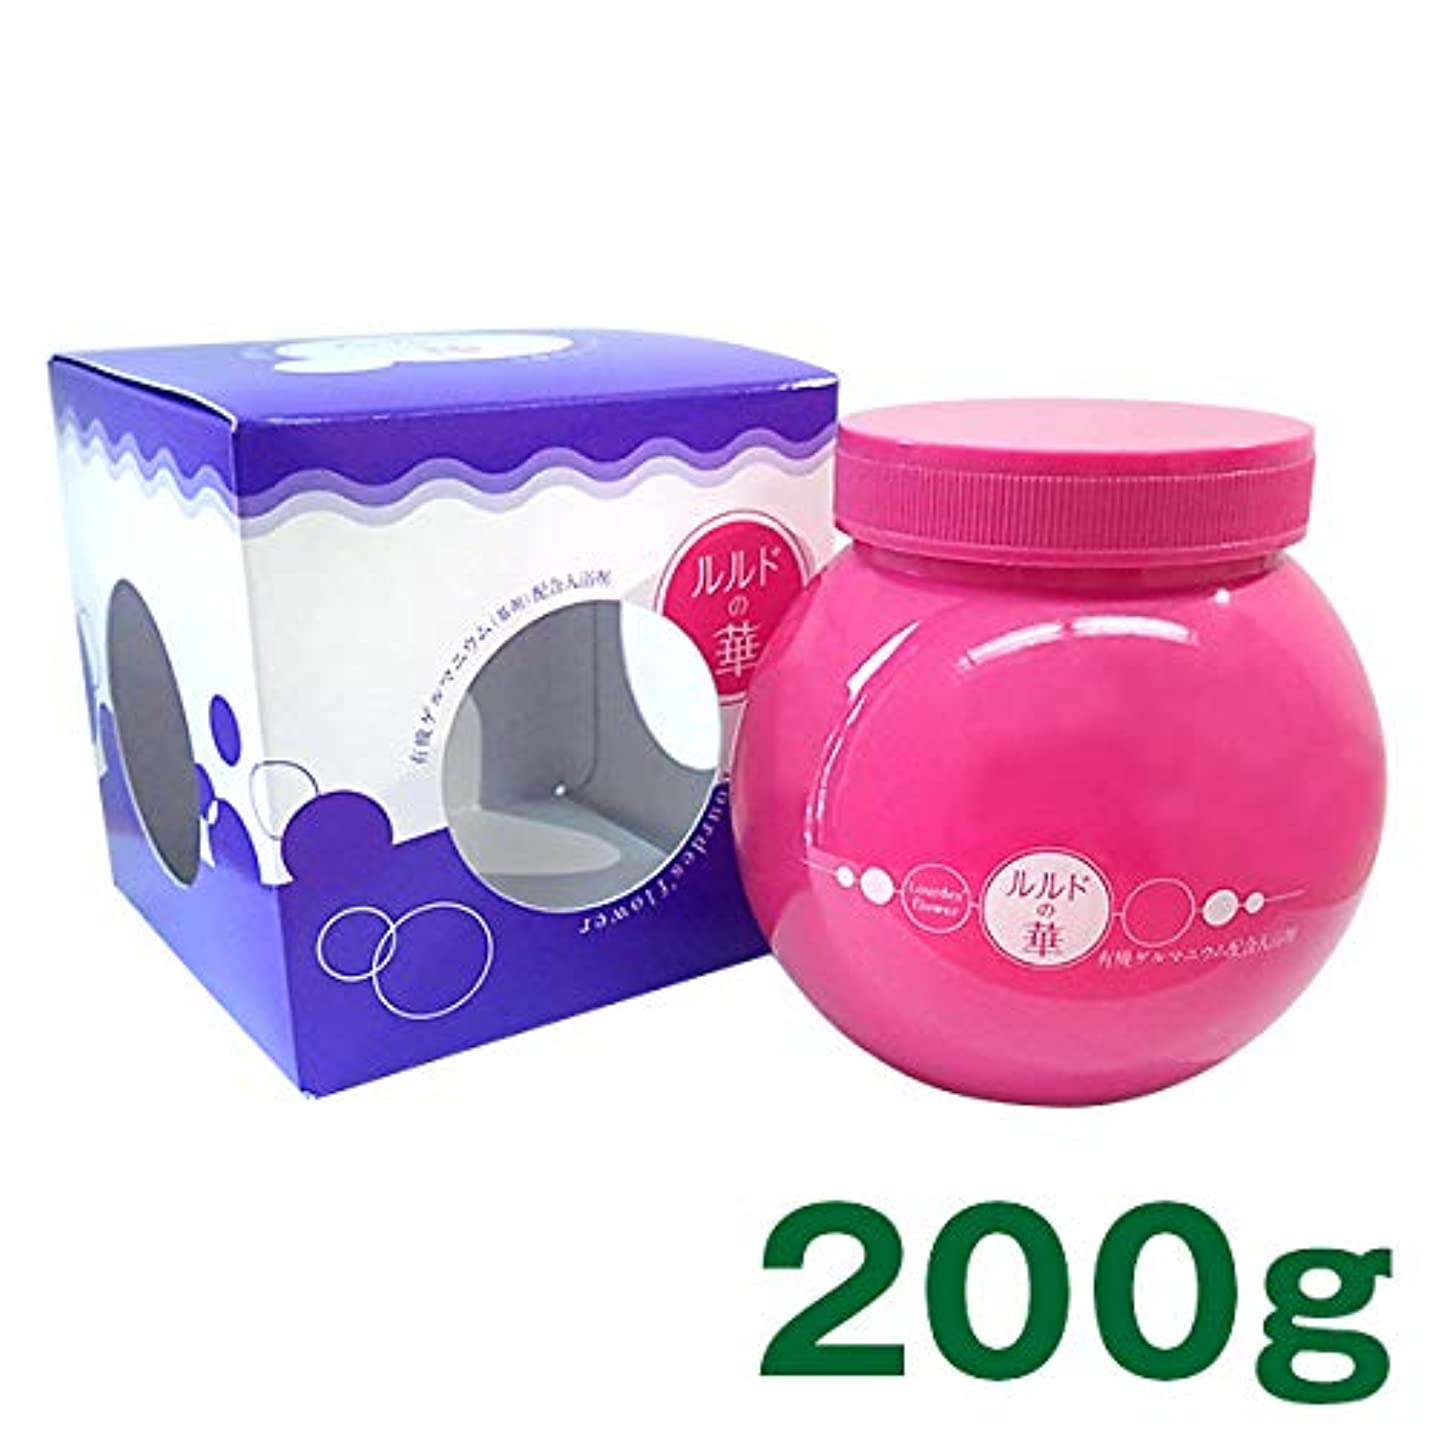 紳士増幅バスケットボール有機ゲルマニウム8.0%配合入浴剤【ルルドの華(ボトル)】200g